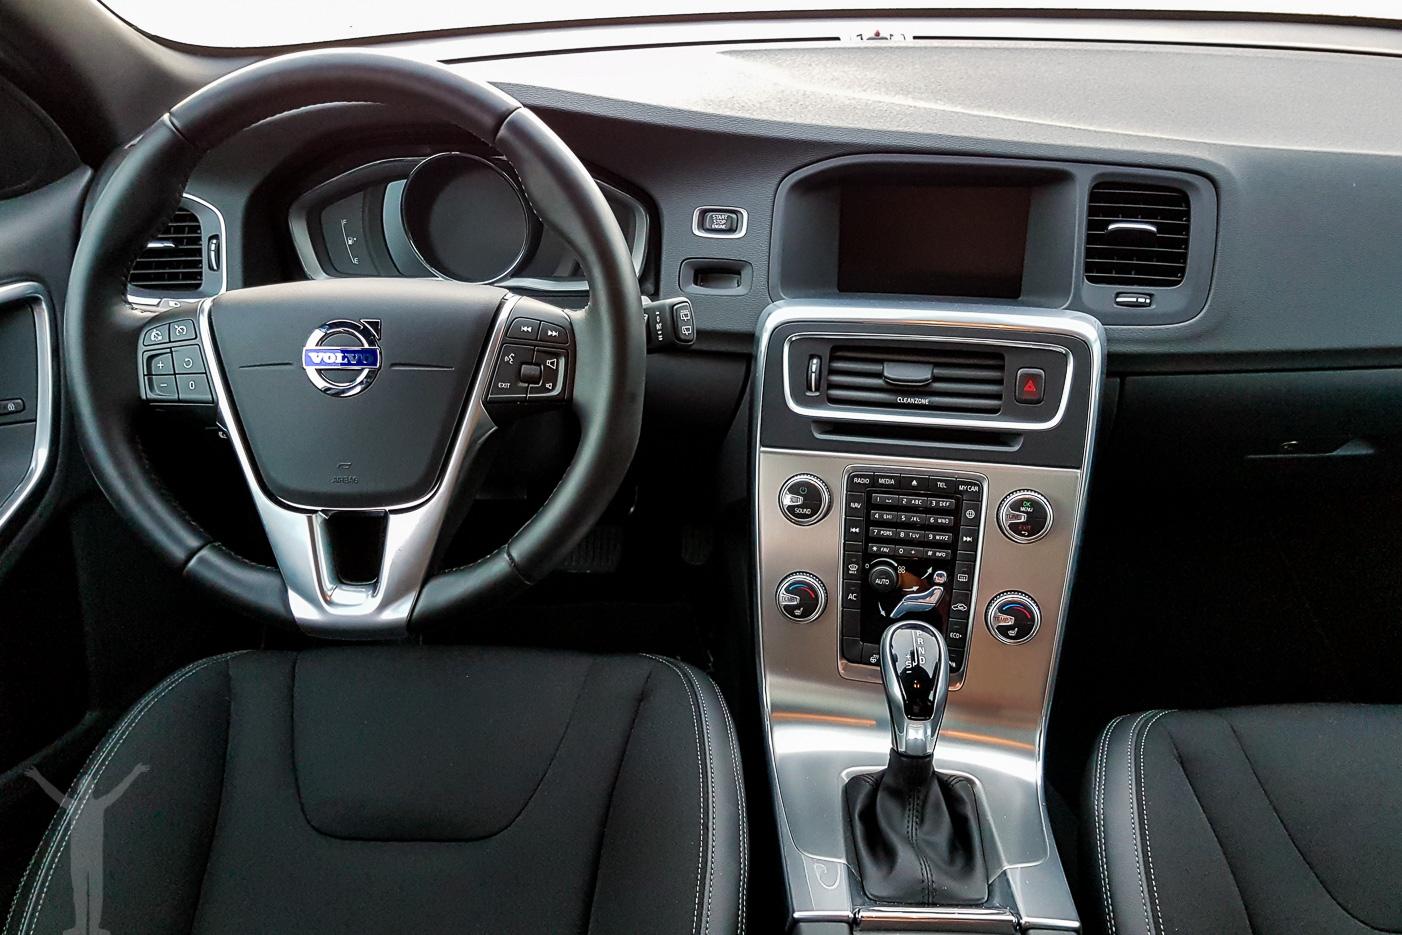 Volvo V60 interiör